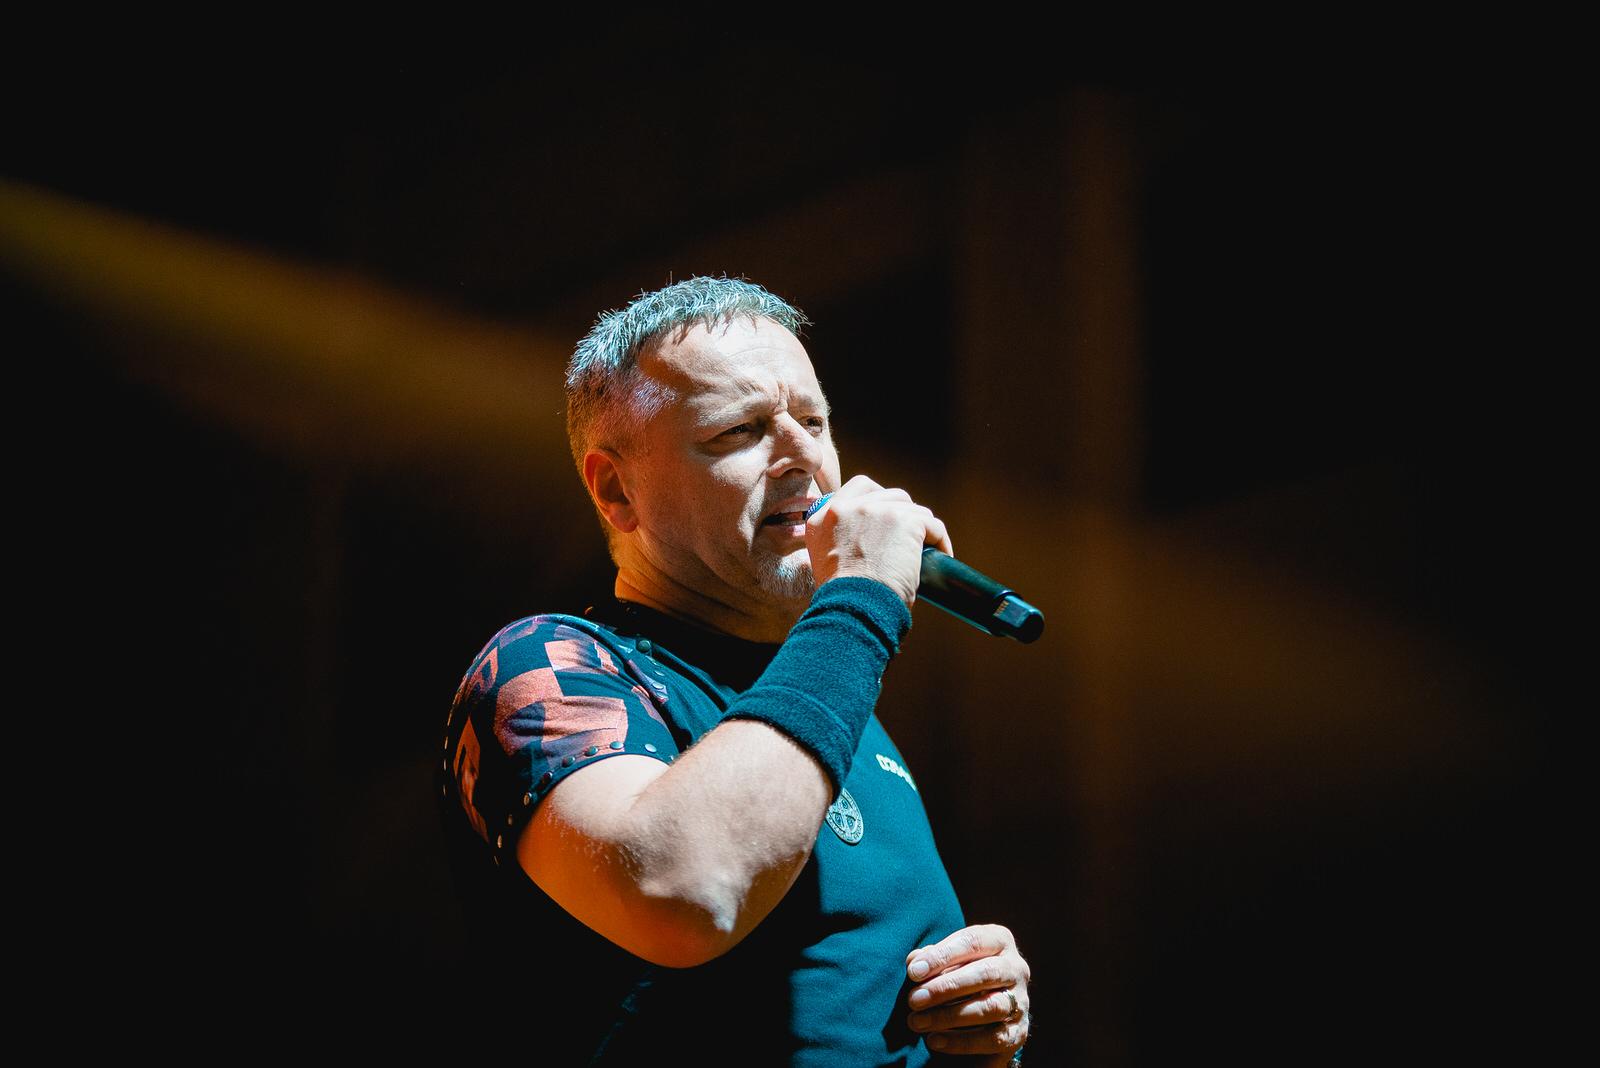 likaclub_gospić_koncert-thompson_2018-71